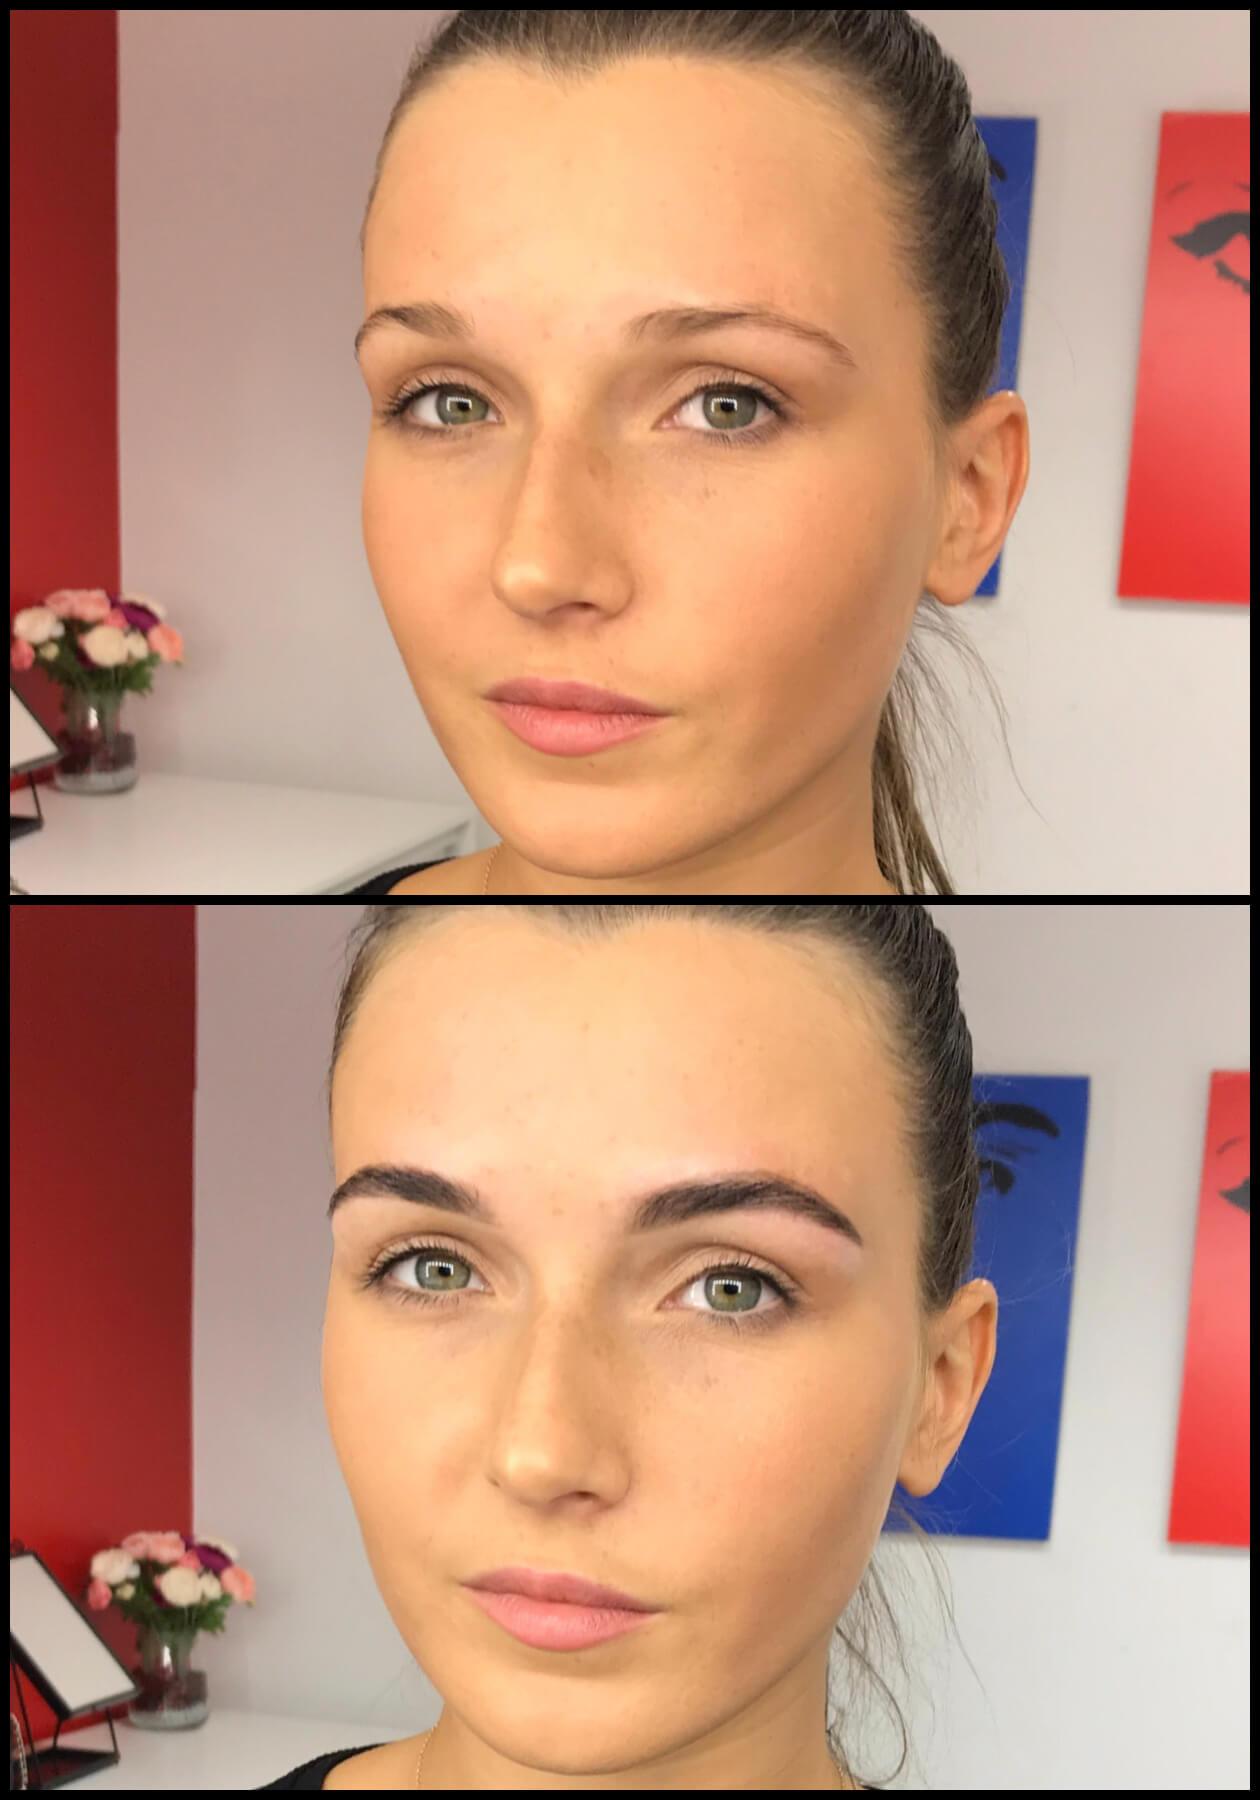 Портрет девушки до и после коррекции бровей и макияжа